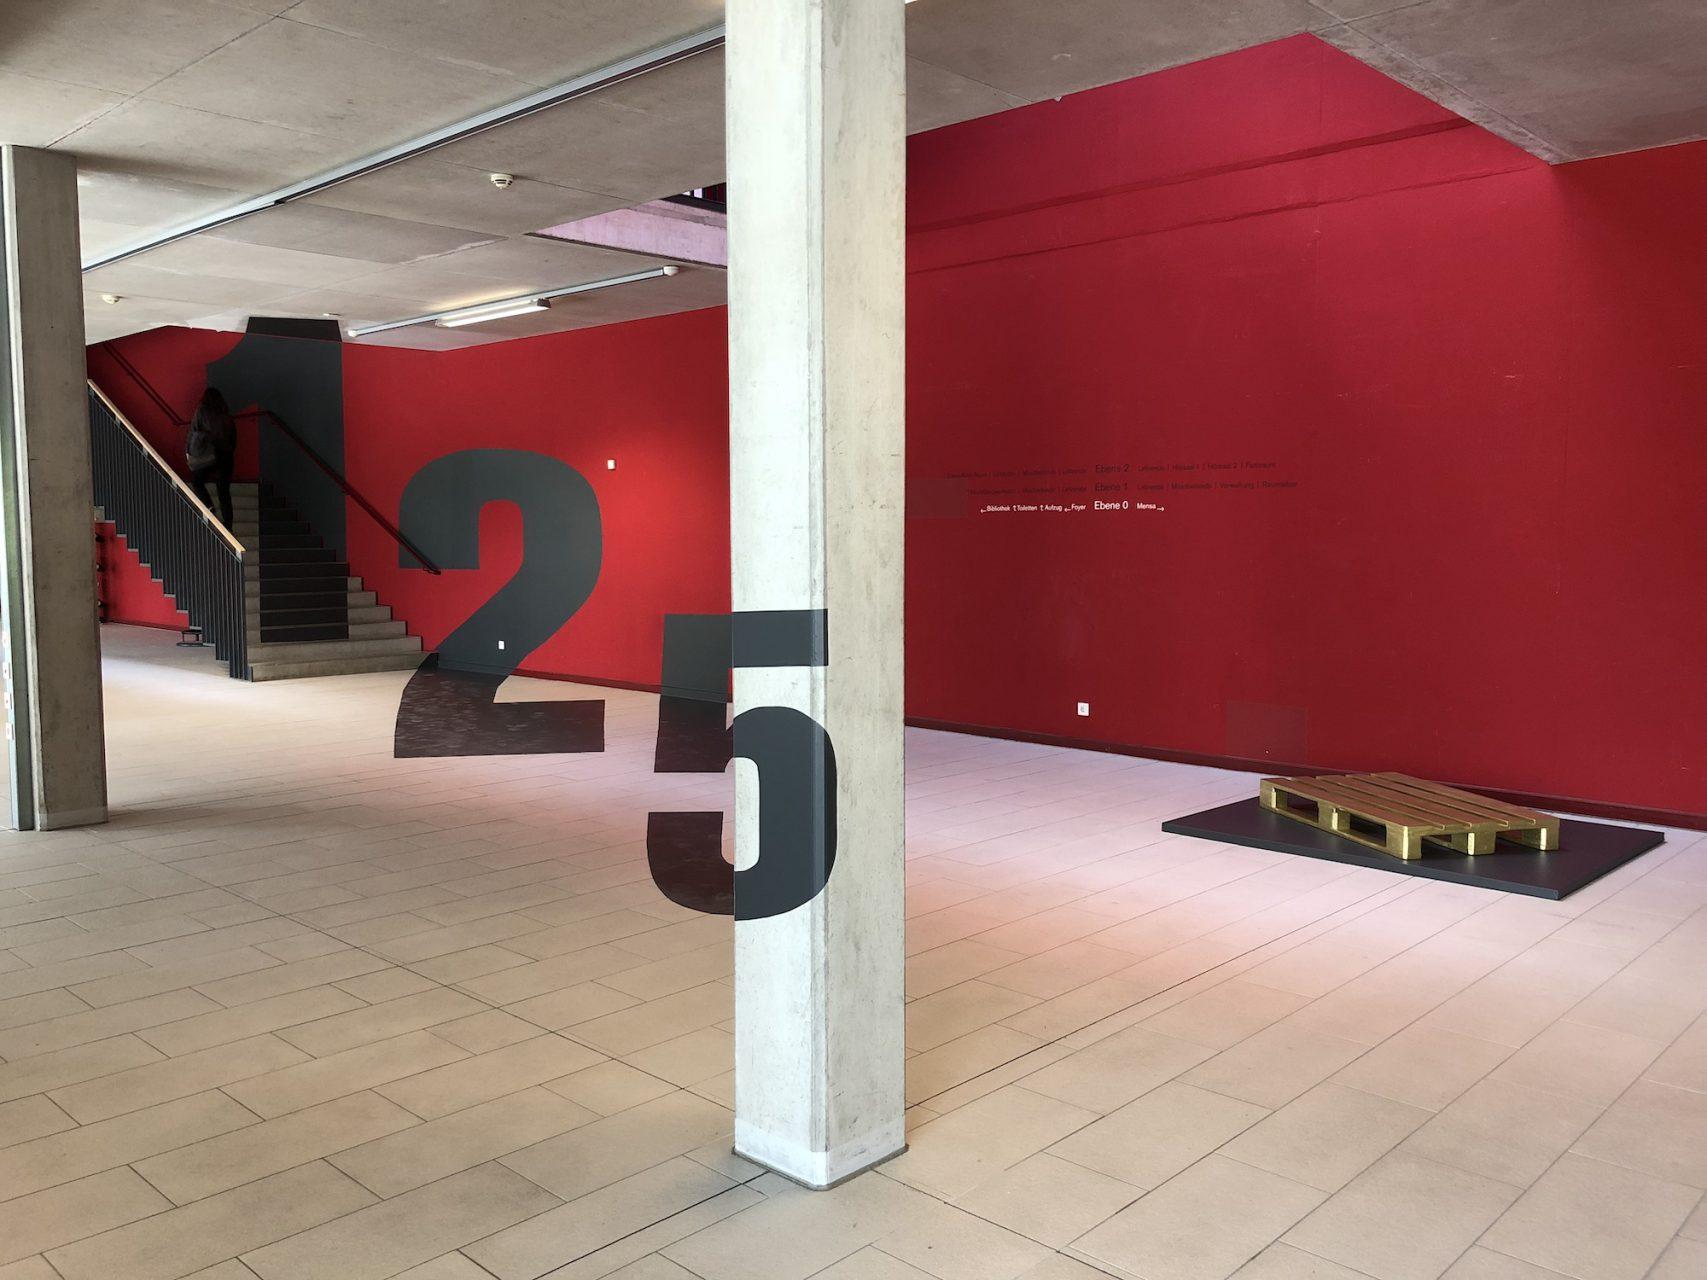 Die 125er Anamorphose im Riegel begrüßte Gäste und verabschiedete sie mit neuen Perspektiven.